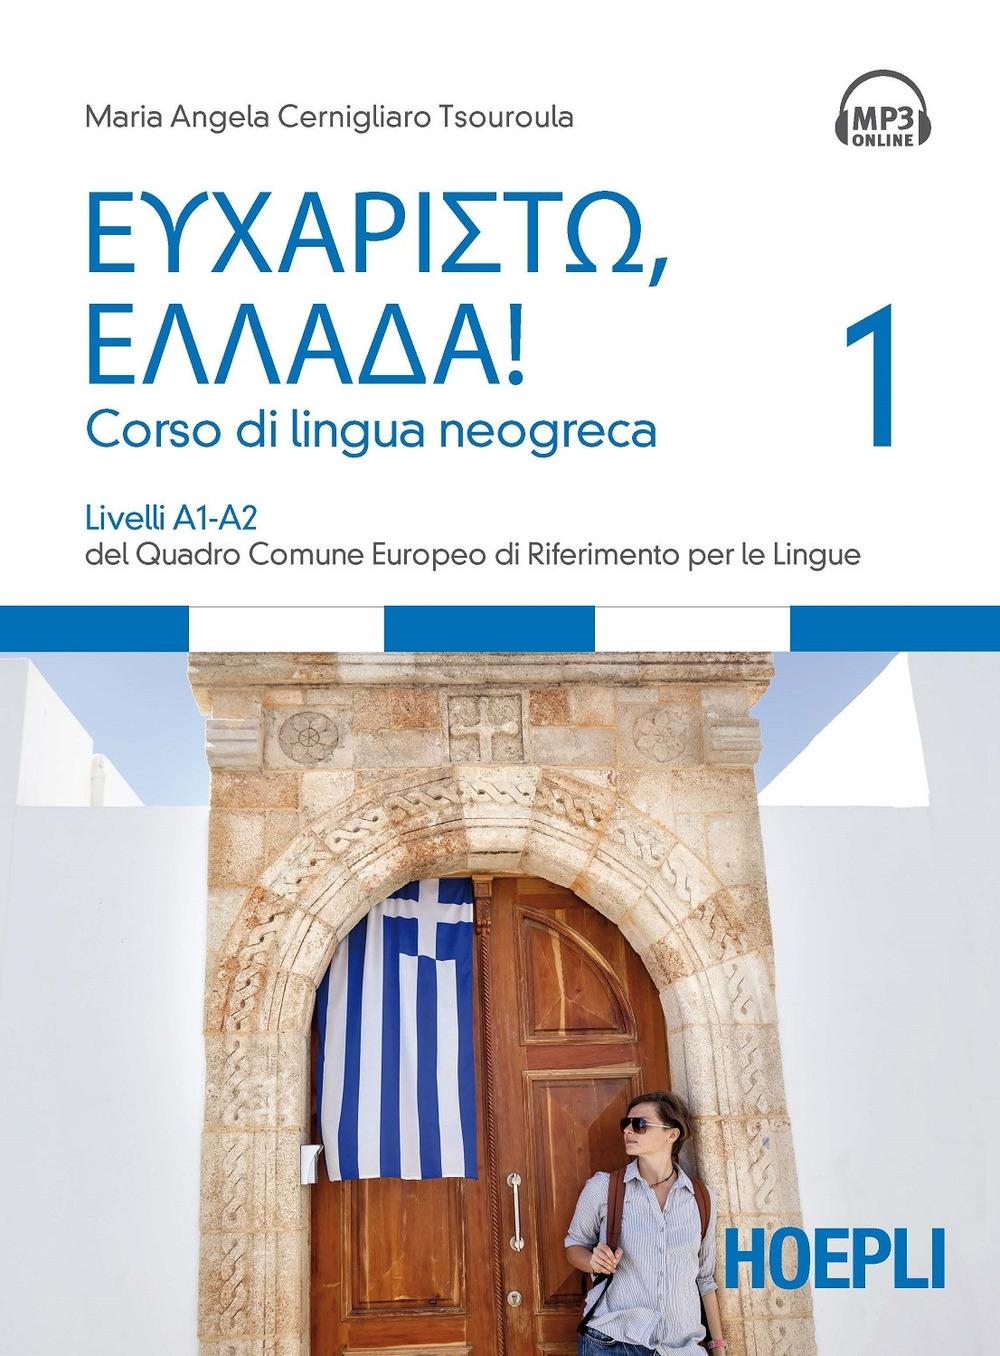 Eucharistò, Ellada! Corso di lingua neogreca. Vol. 1